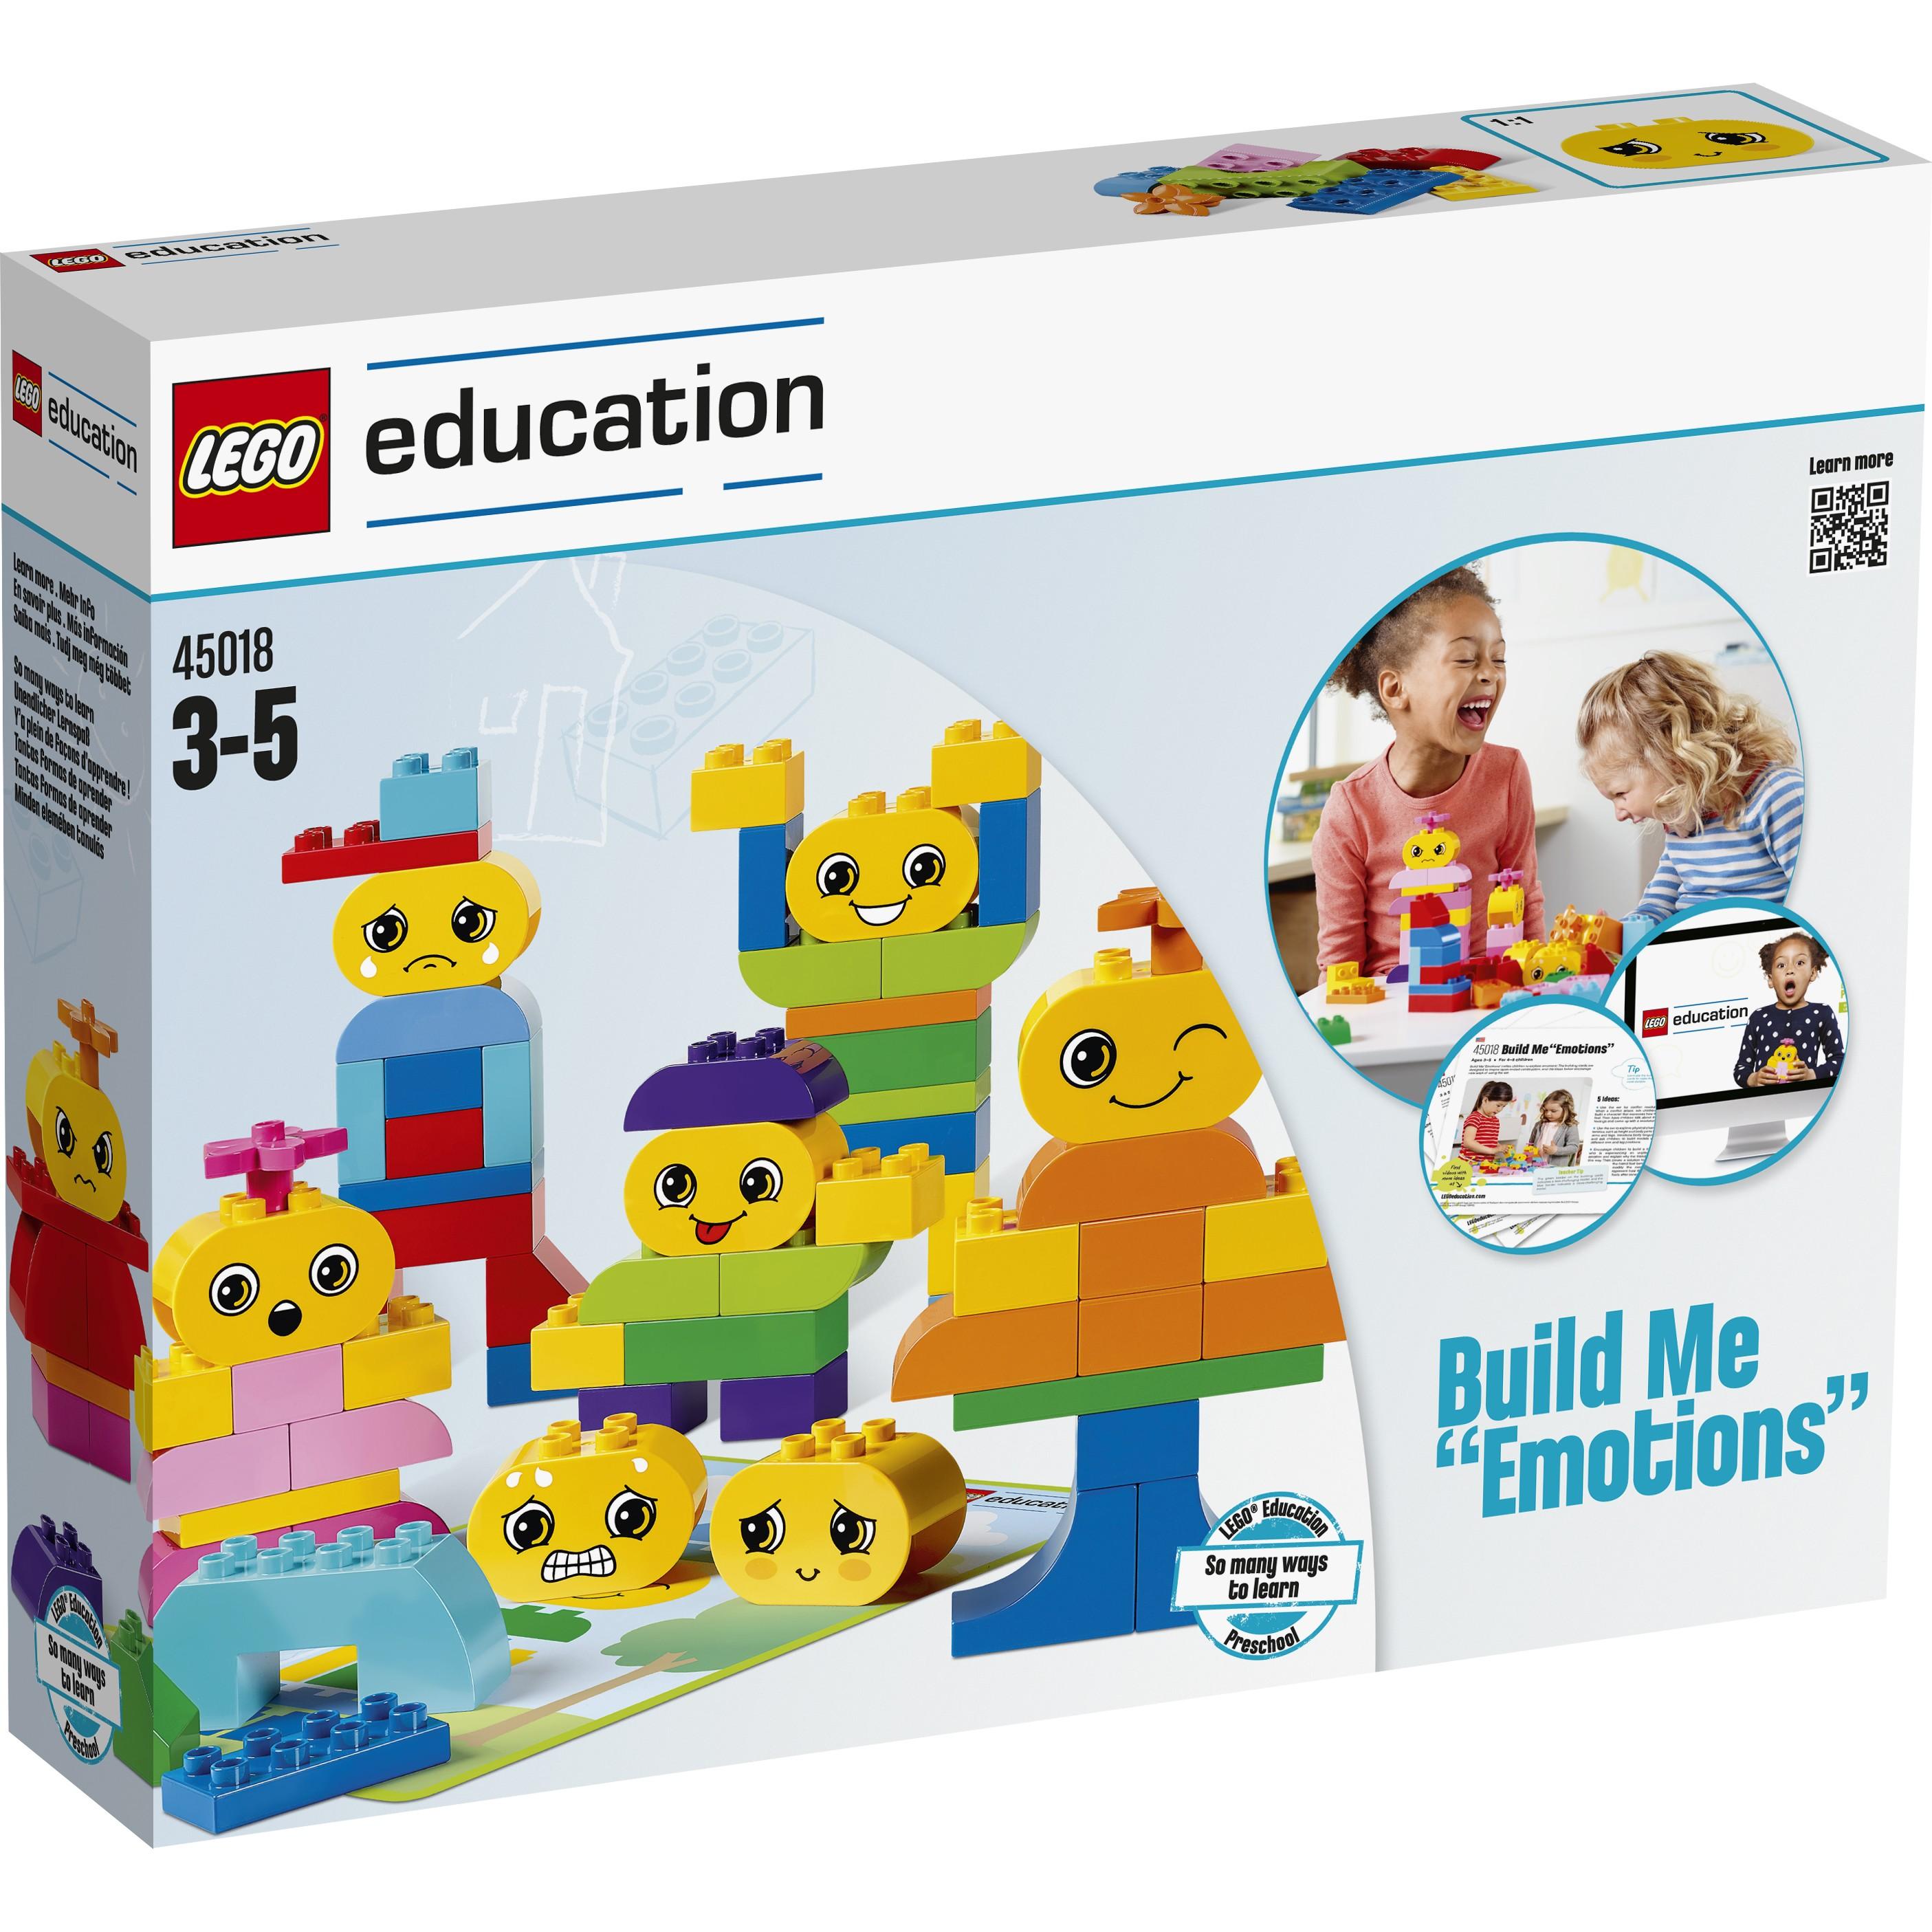 Build Your Emotions LEGO DUPLO - LEGO Education